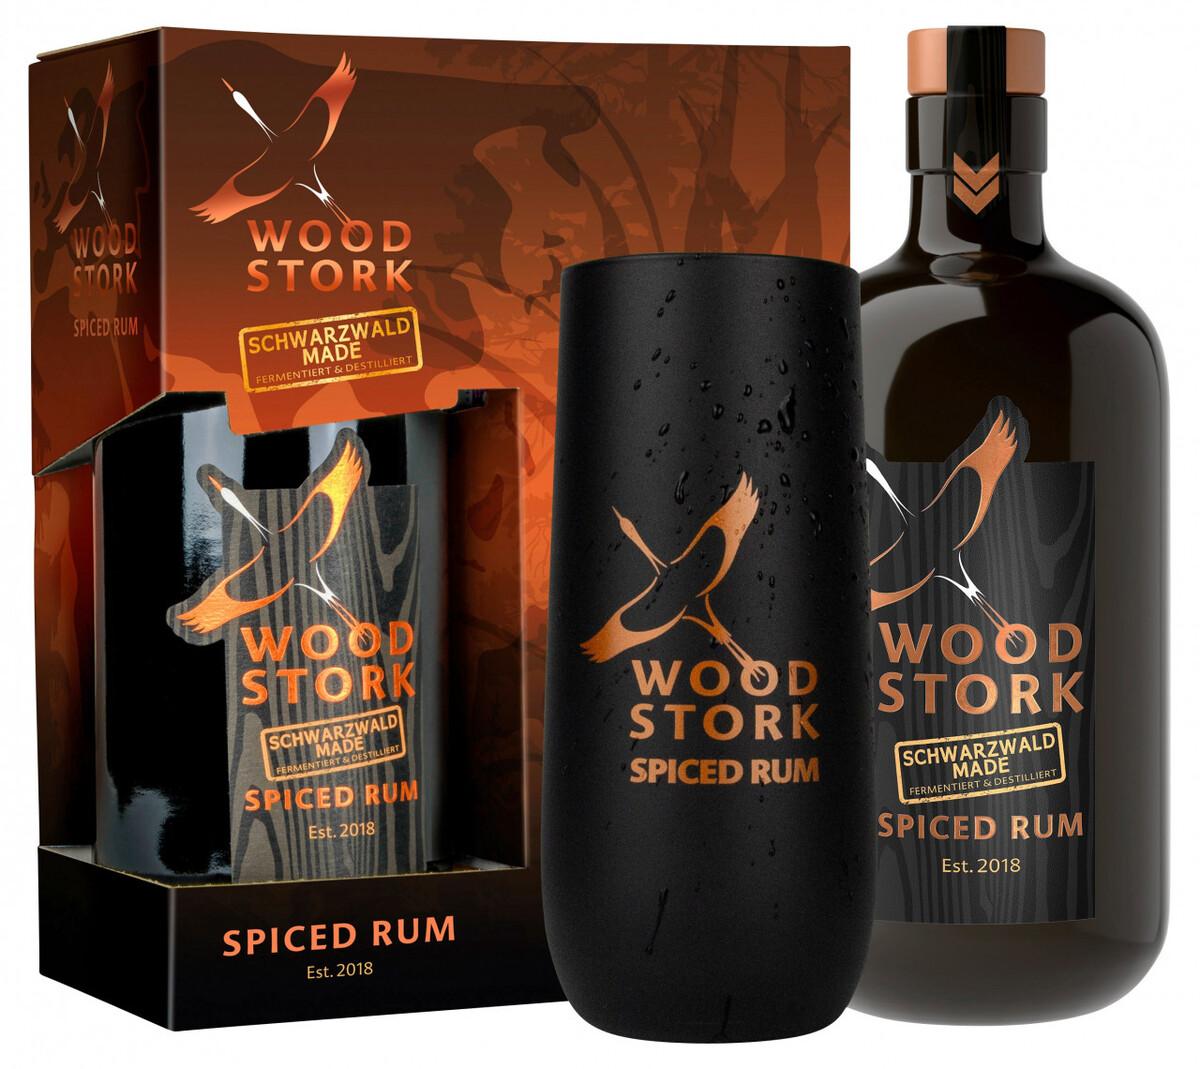 Bild 5 von Wood Stork Spiced Rum, Geschenkpackung mit Glas